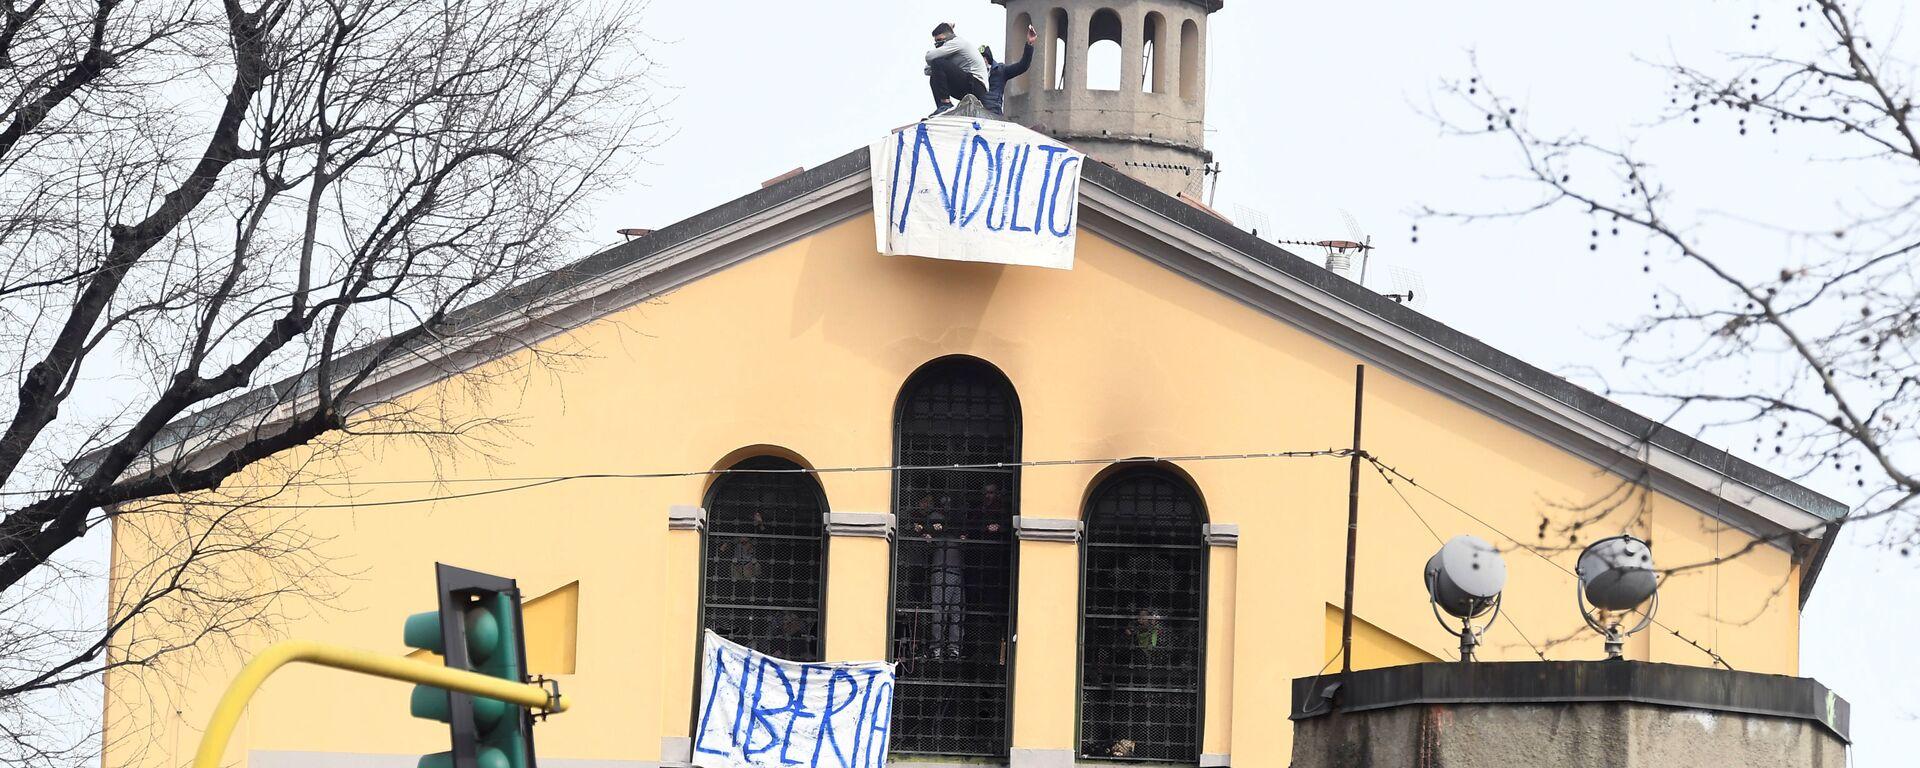 Milano, rivolta in carcere San Vittore  - Sputnik Italia, 1920, 30.06.2021